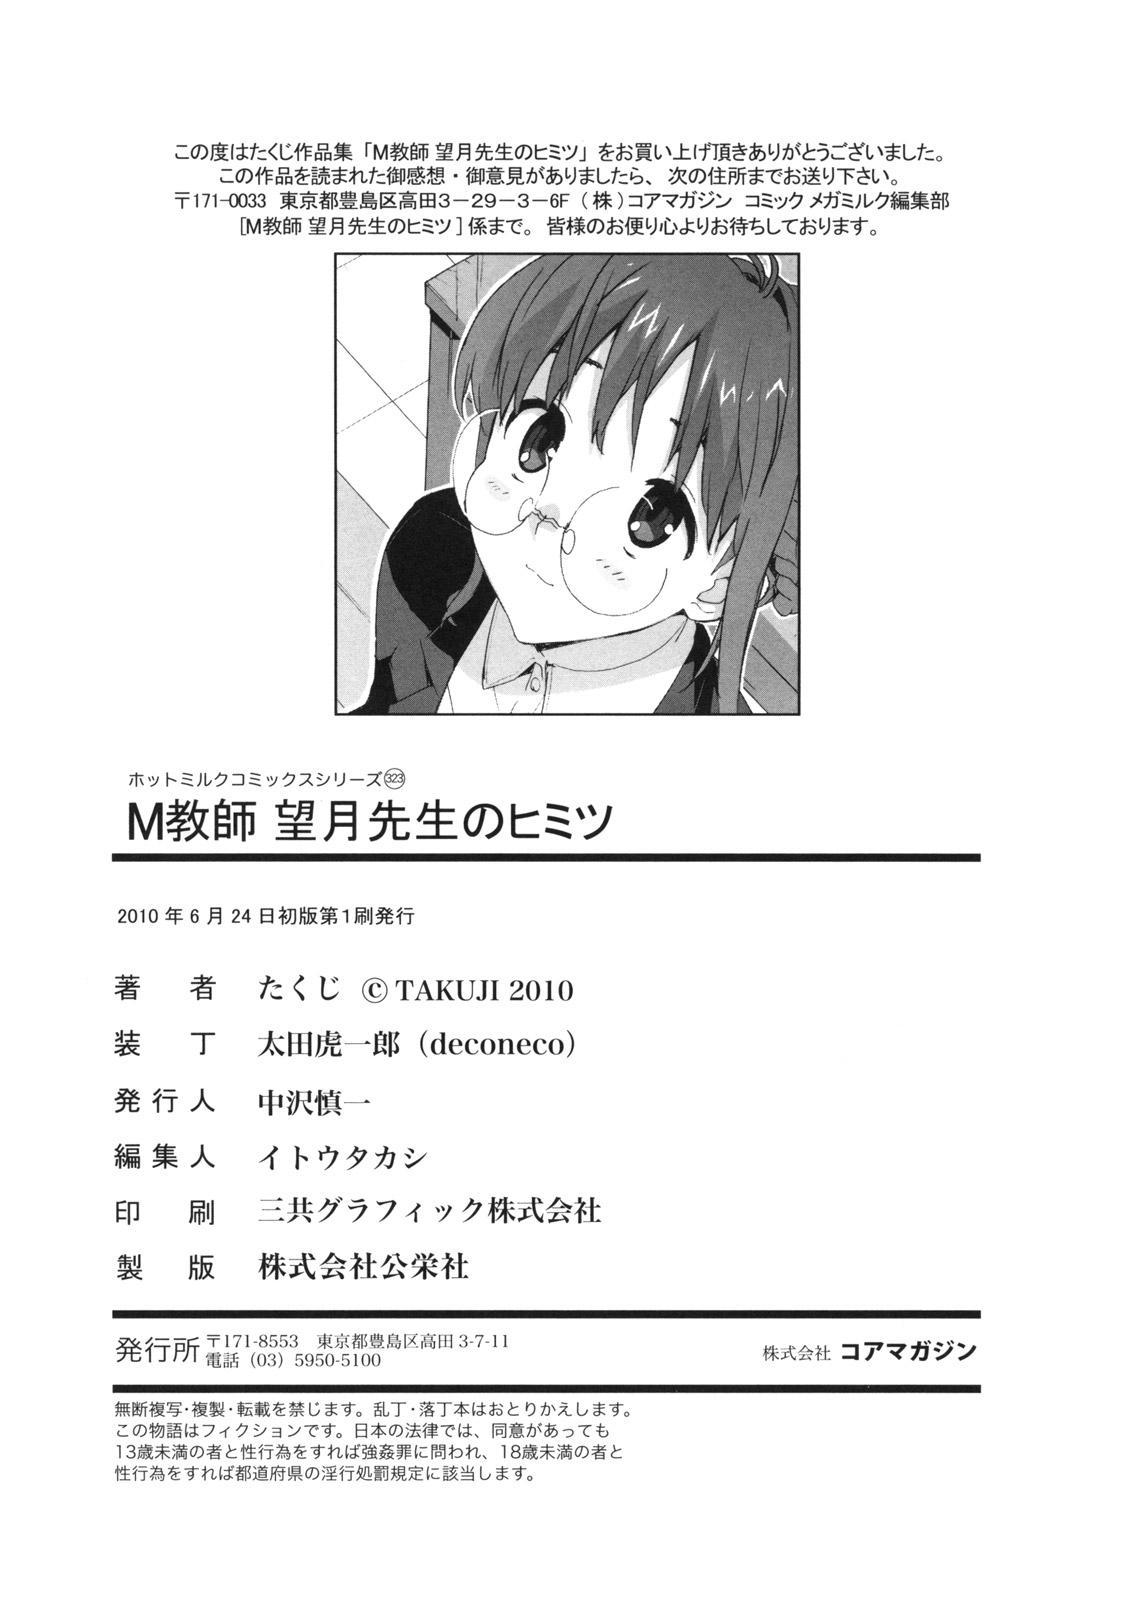 [Takuji] M Kyoushi Mochizuki Sensei no Himitsu   M-Teacher Mochizuki-Sensei's Secret [English] 203